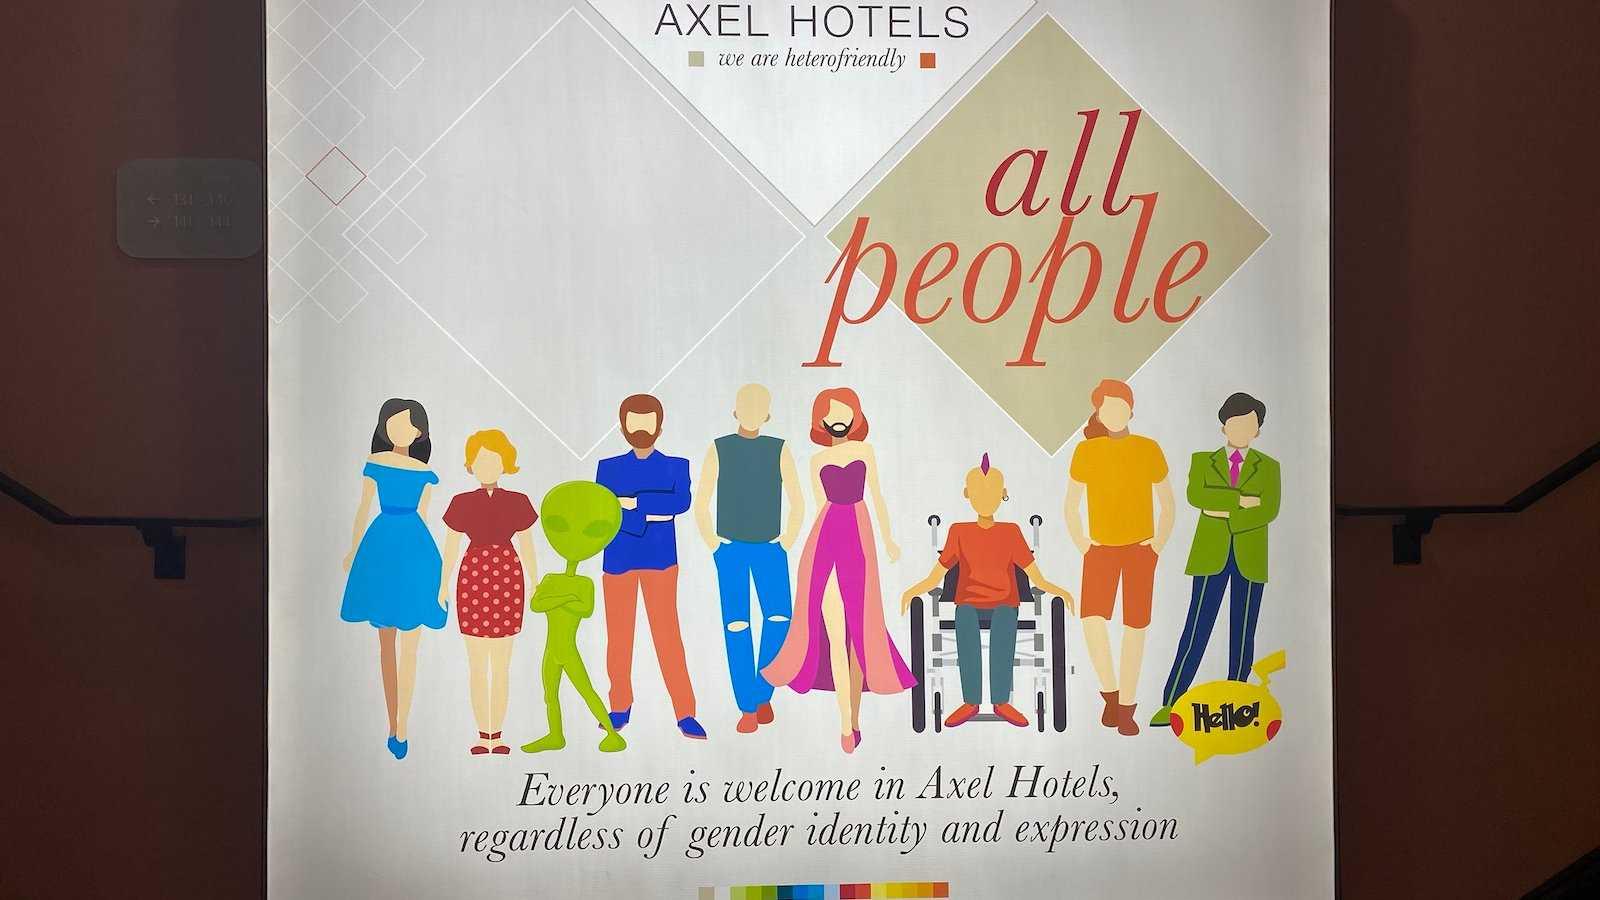 Os Axel Hotels se definem como 'hetero-friendly', o que significa que são os lugares mais gay para se hospedar em todo o mundo